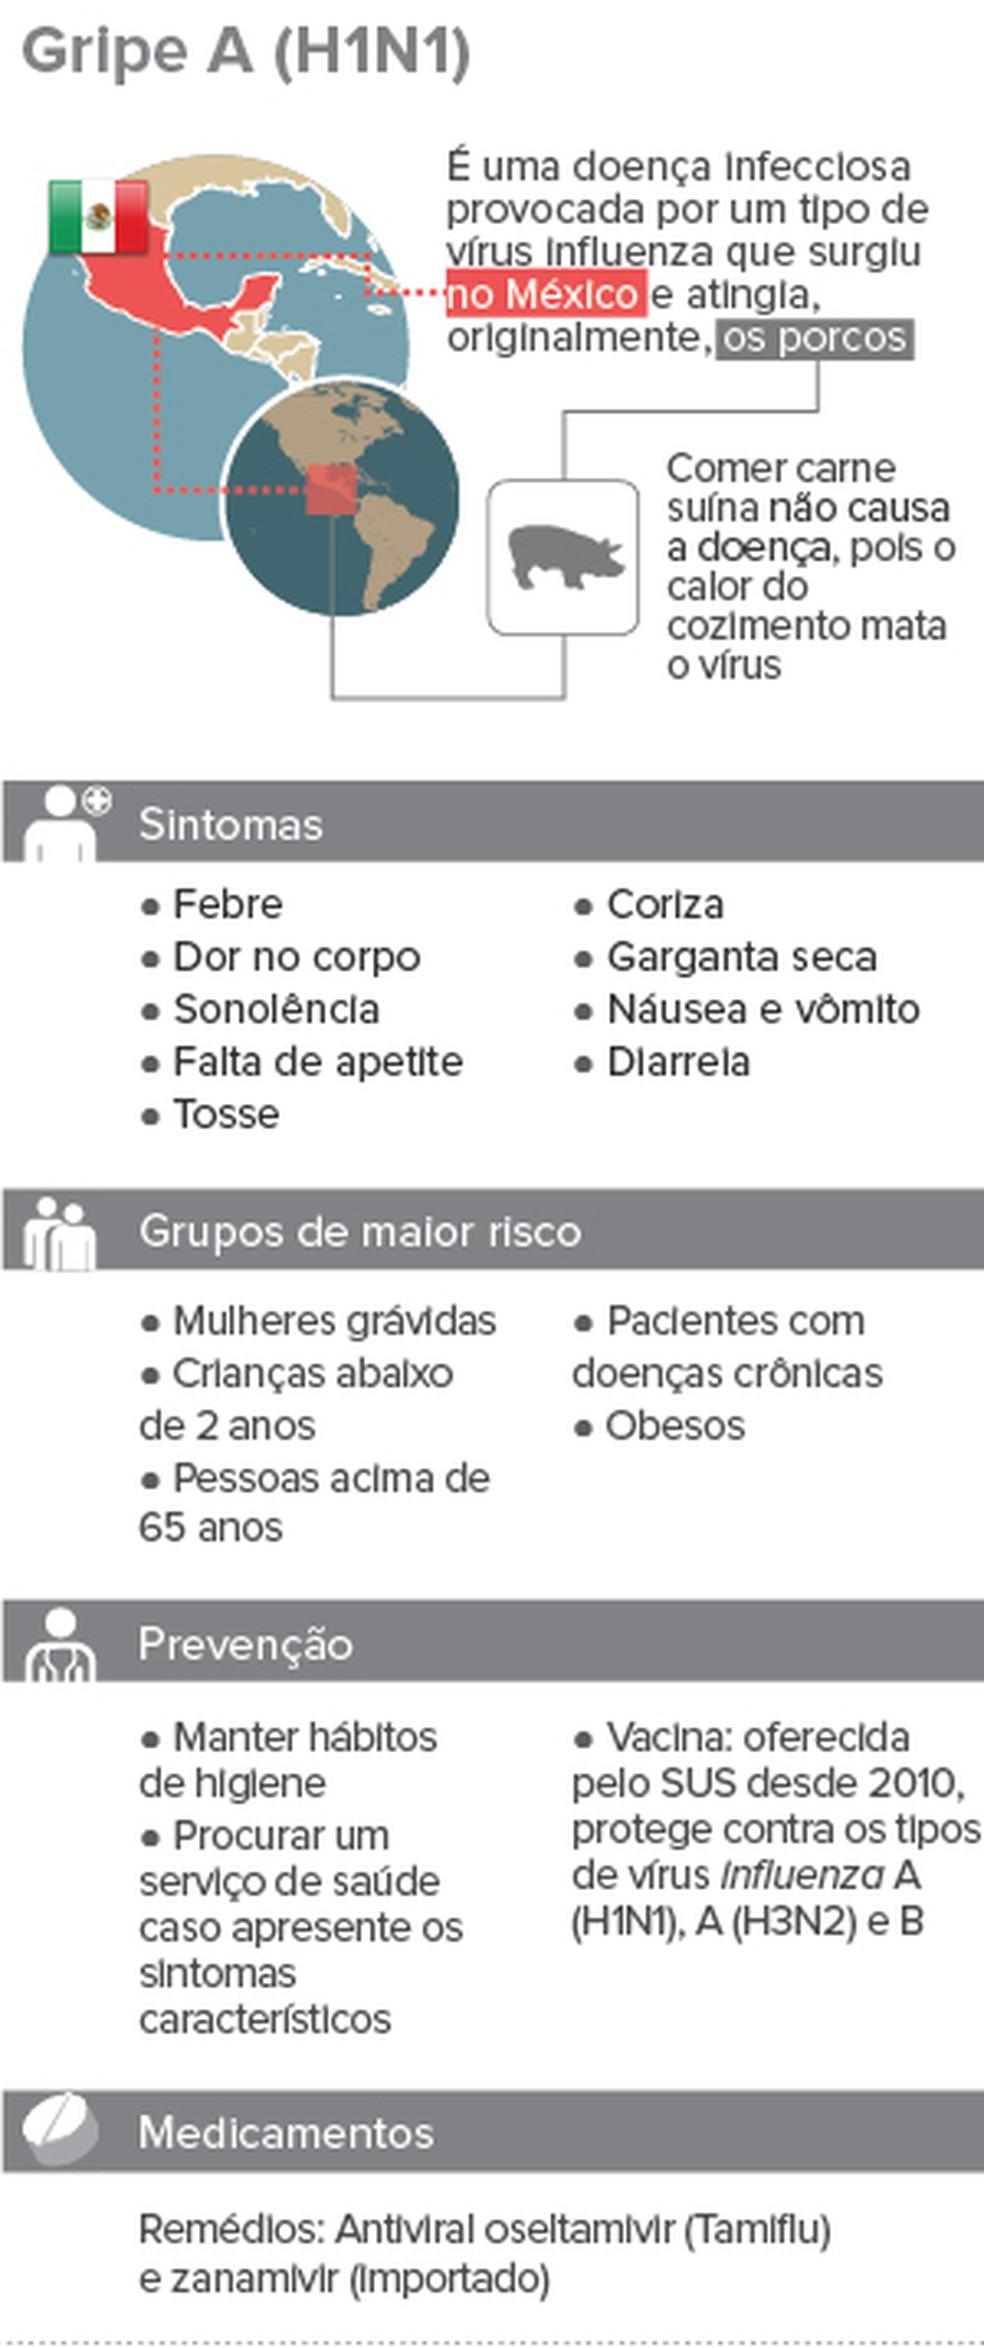 Info gripe A H1N1 — Foto: Arte/G1